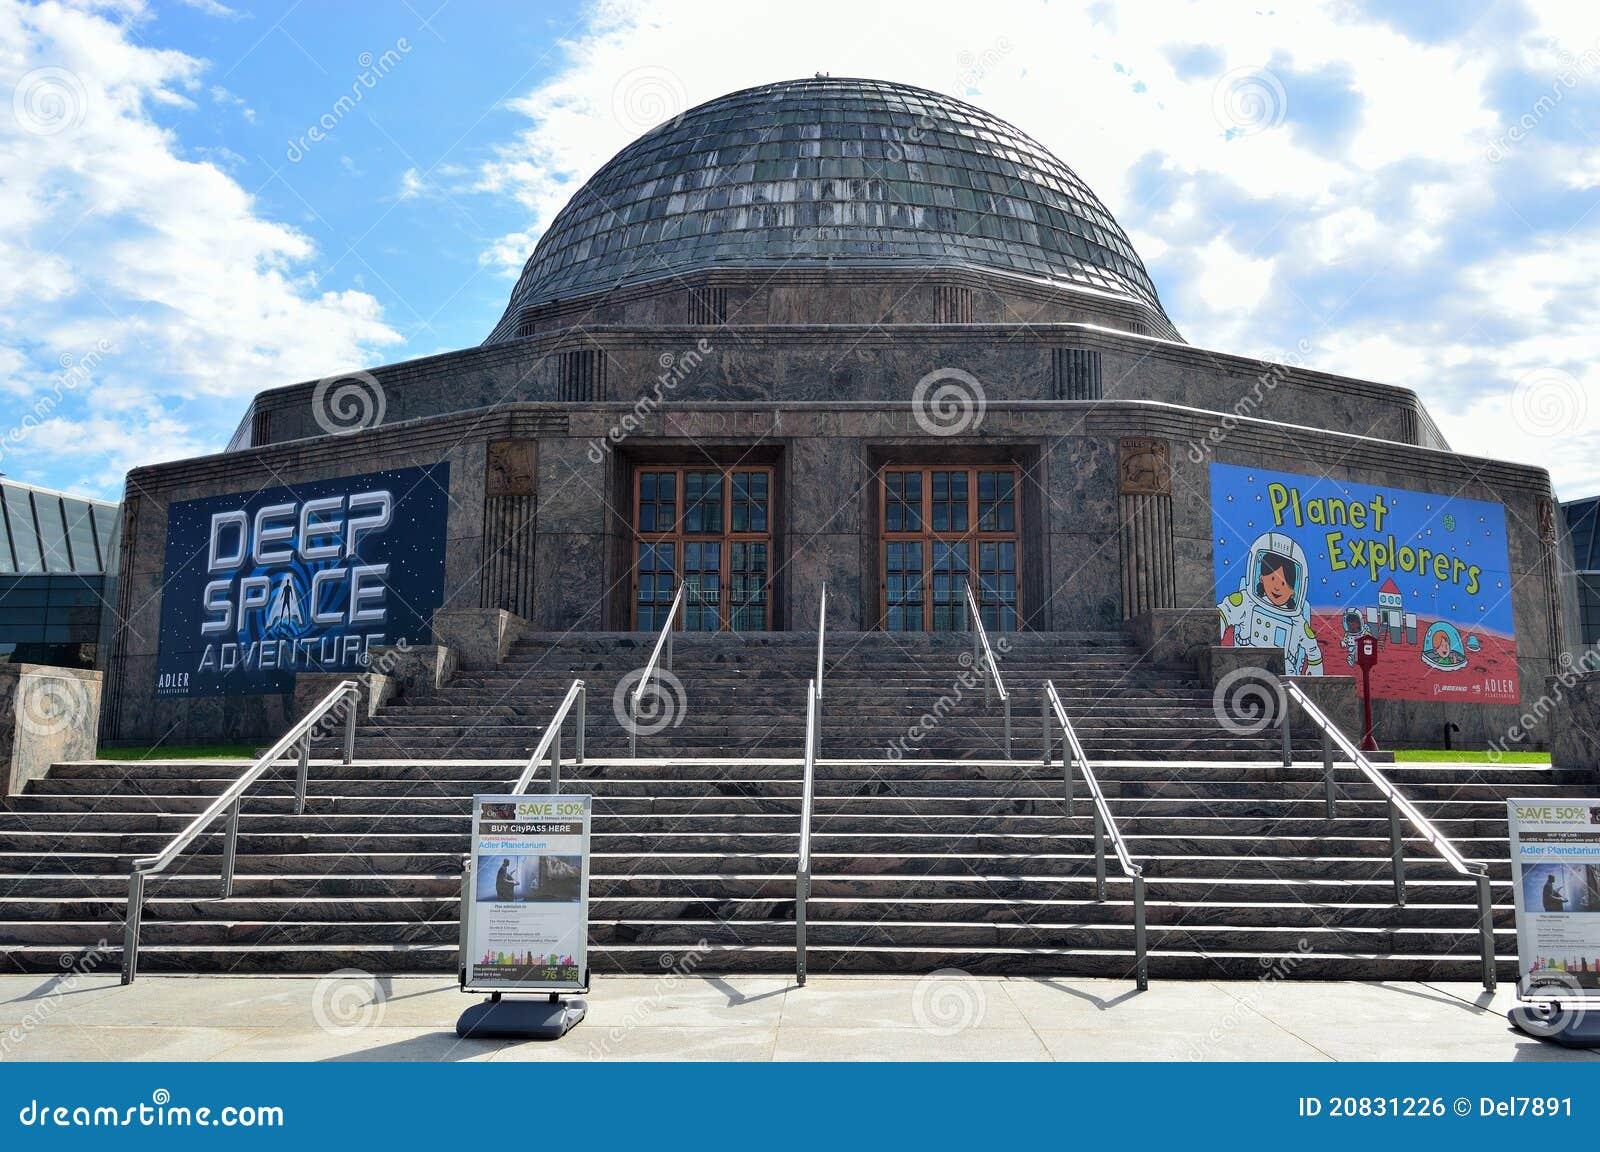 Adler Planetarium In Chicago Editorial Photo - Image of